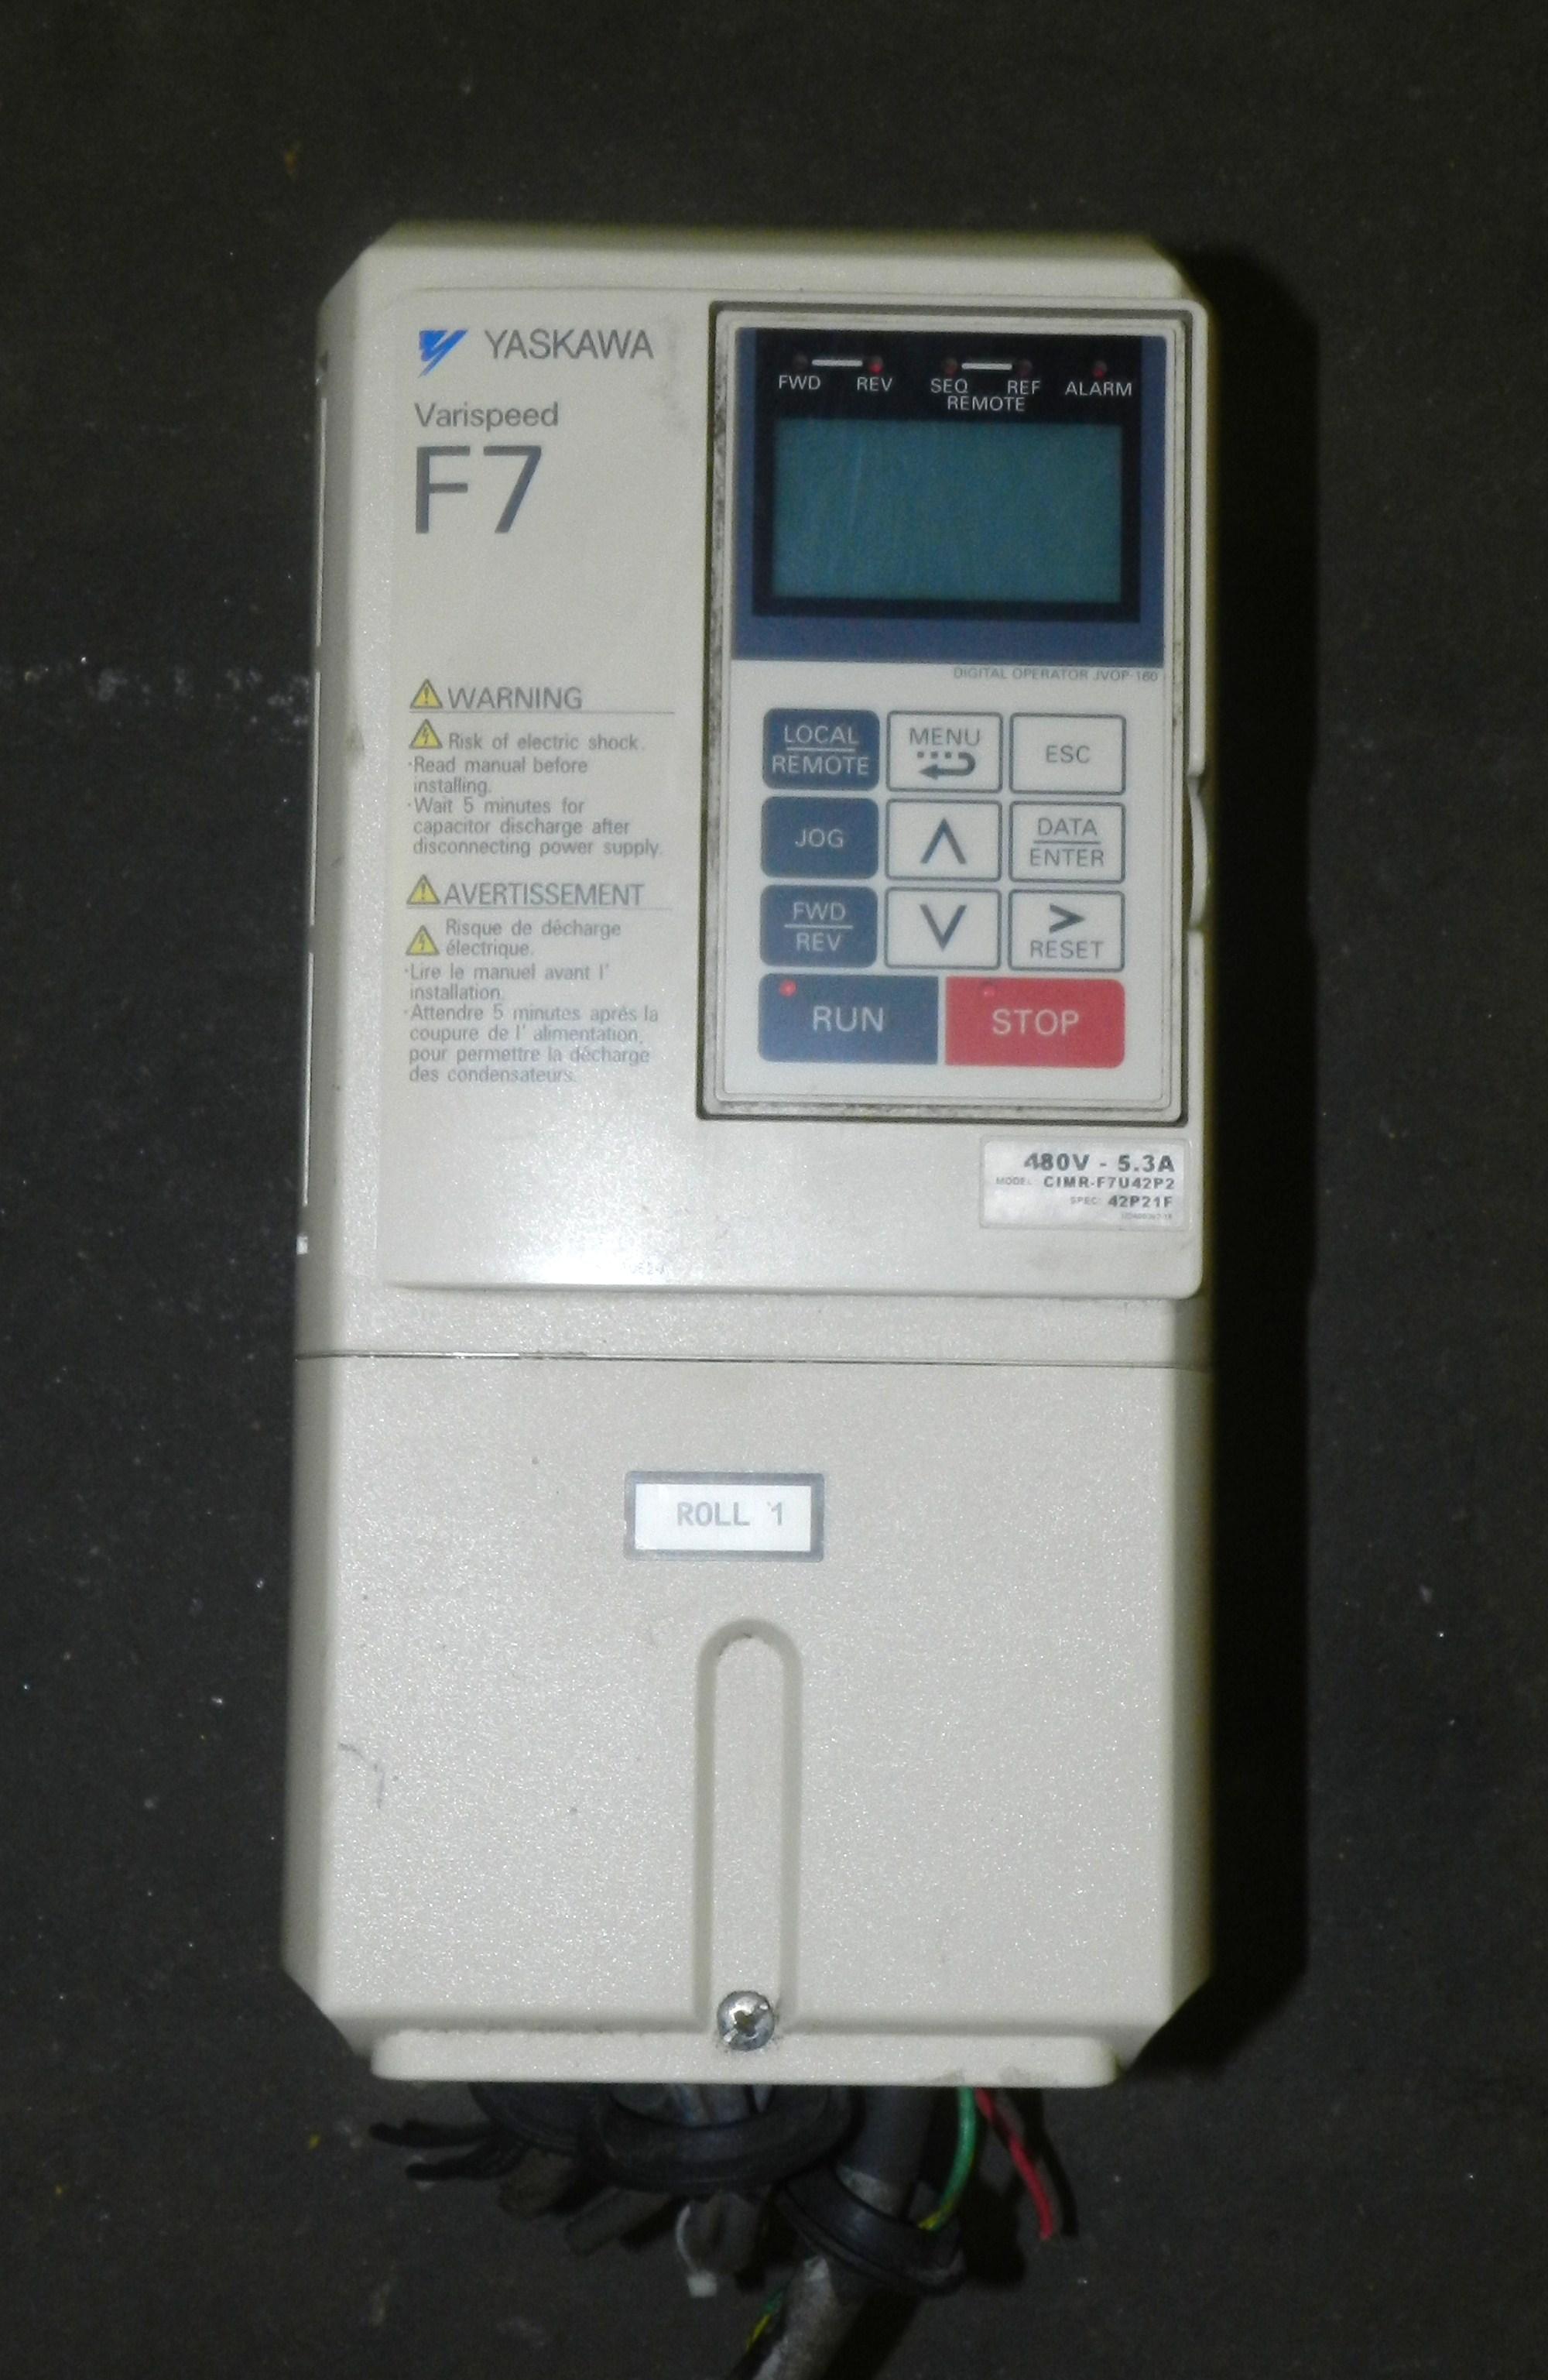 Lot 23 - Yaskawa CIMR-F7U42P2 Varispeed F7 AC Drive